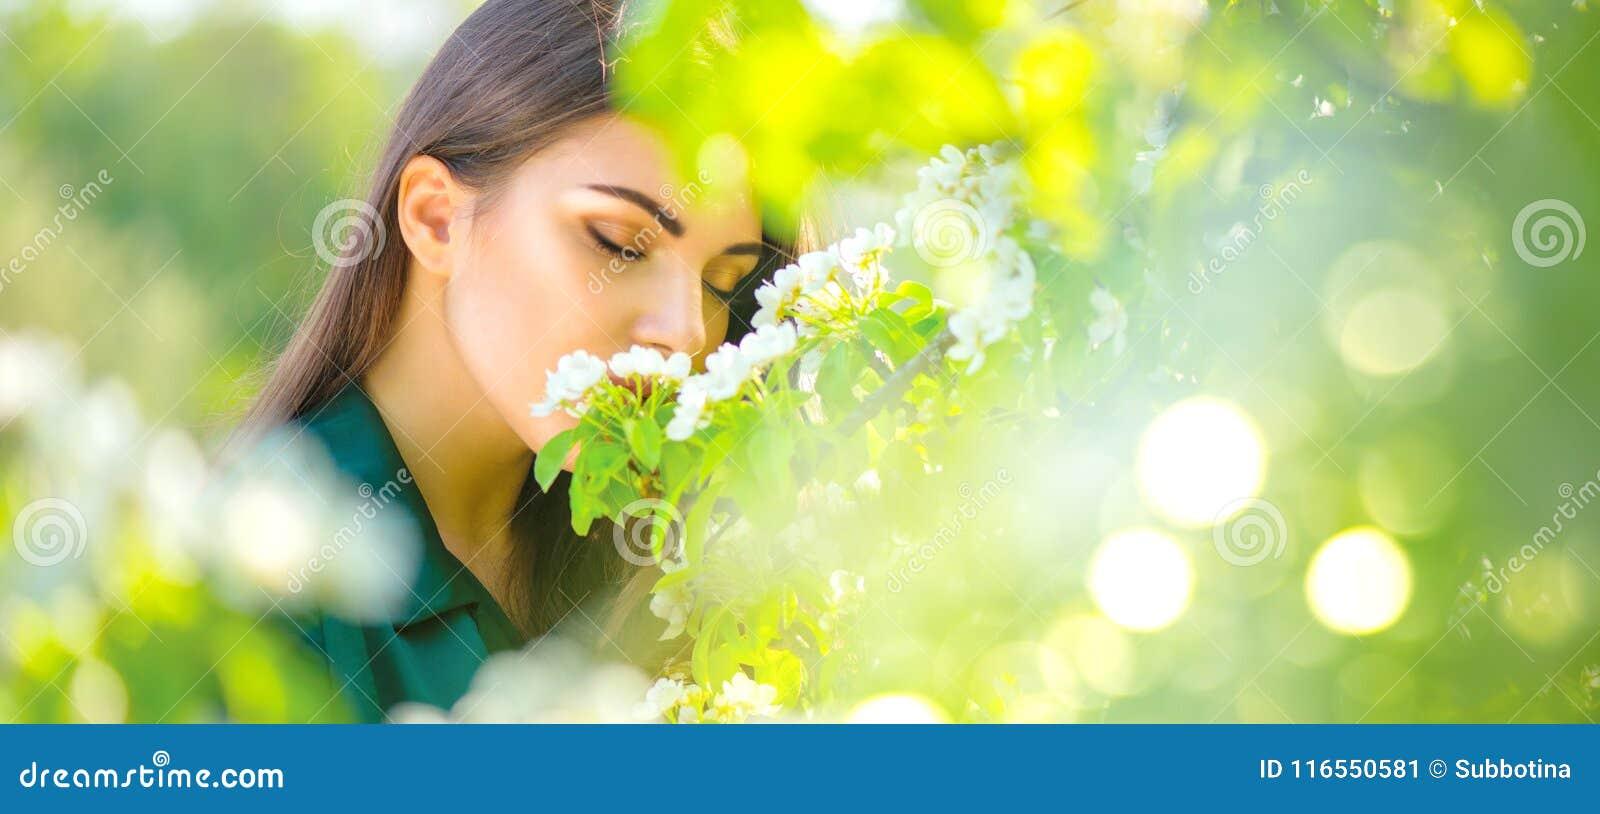 Νέα γυναίκα ομορφιάς που απολαμβάνει τον οπωρώνα μήλων φύσης την άνοιξη, ευτυχές όμορφο κορίτσι σε έναν κήπο με τα ανθίζοντας οπω